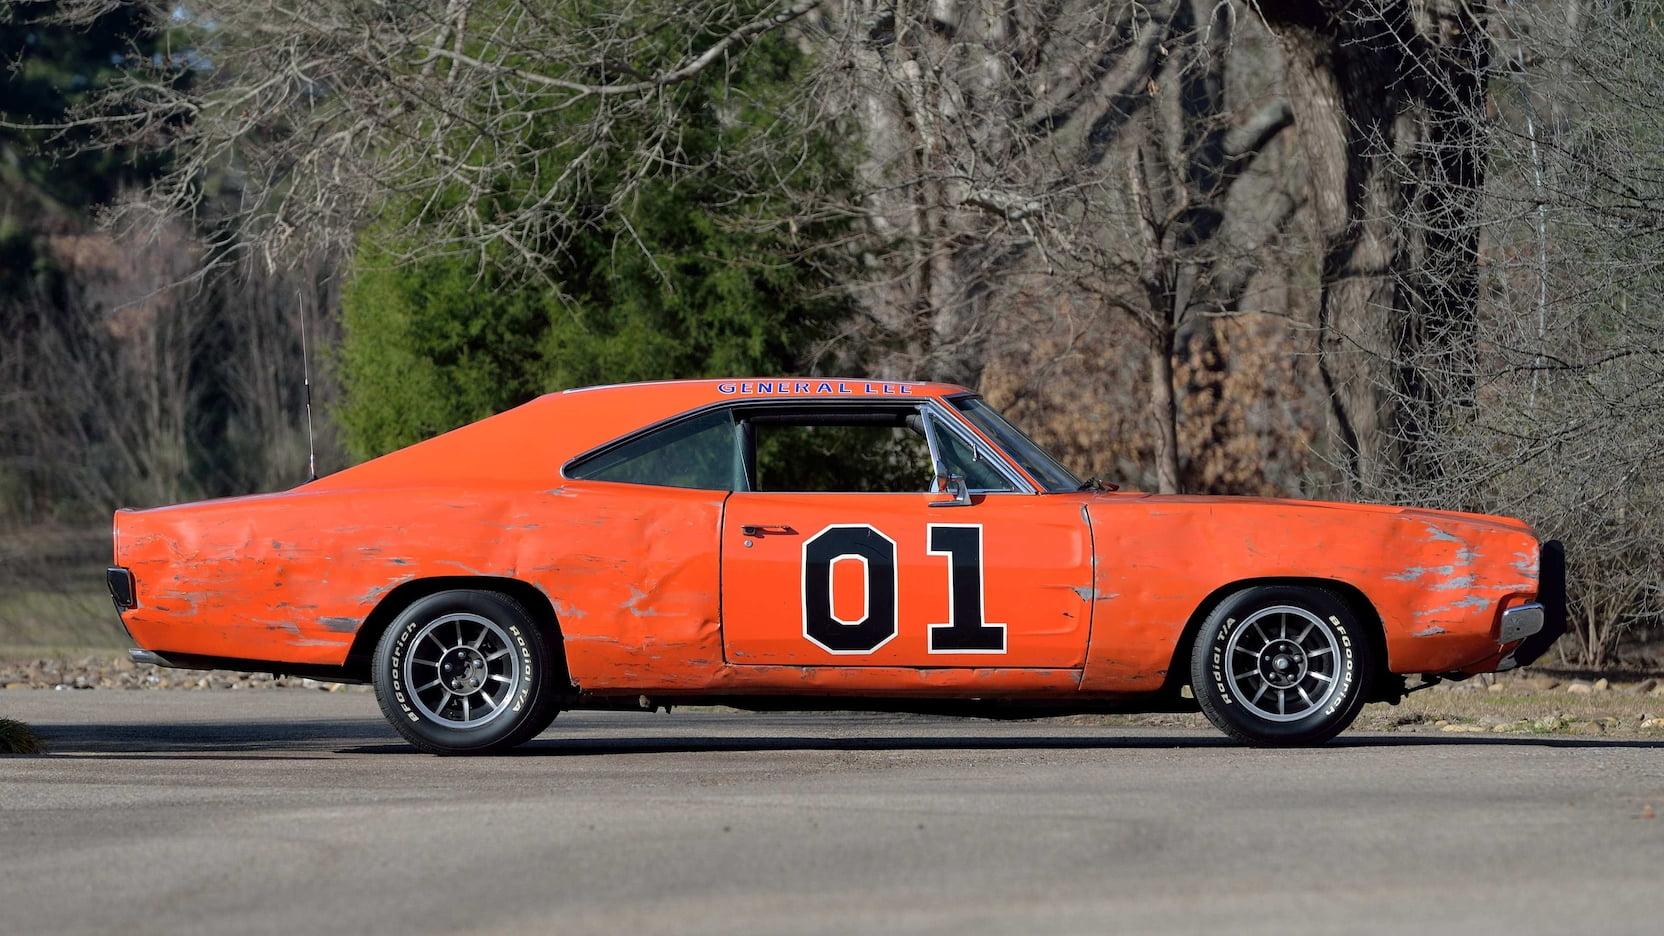 1969 Dodge Charger General Lee Stunt Car profile